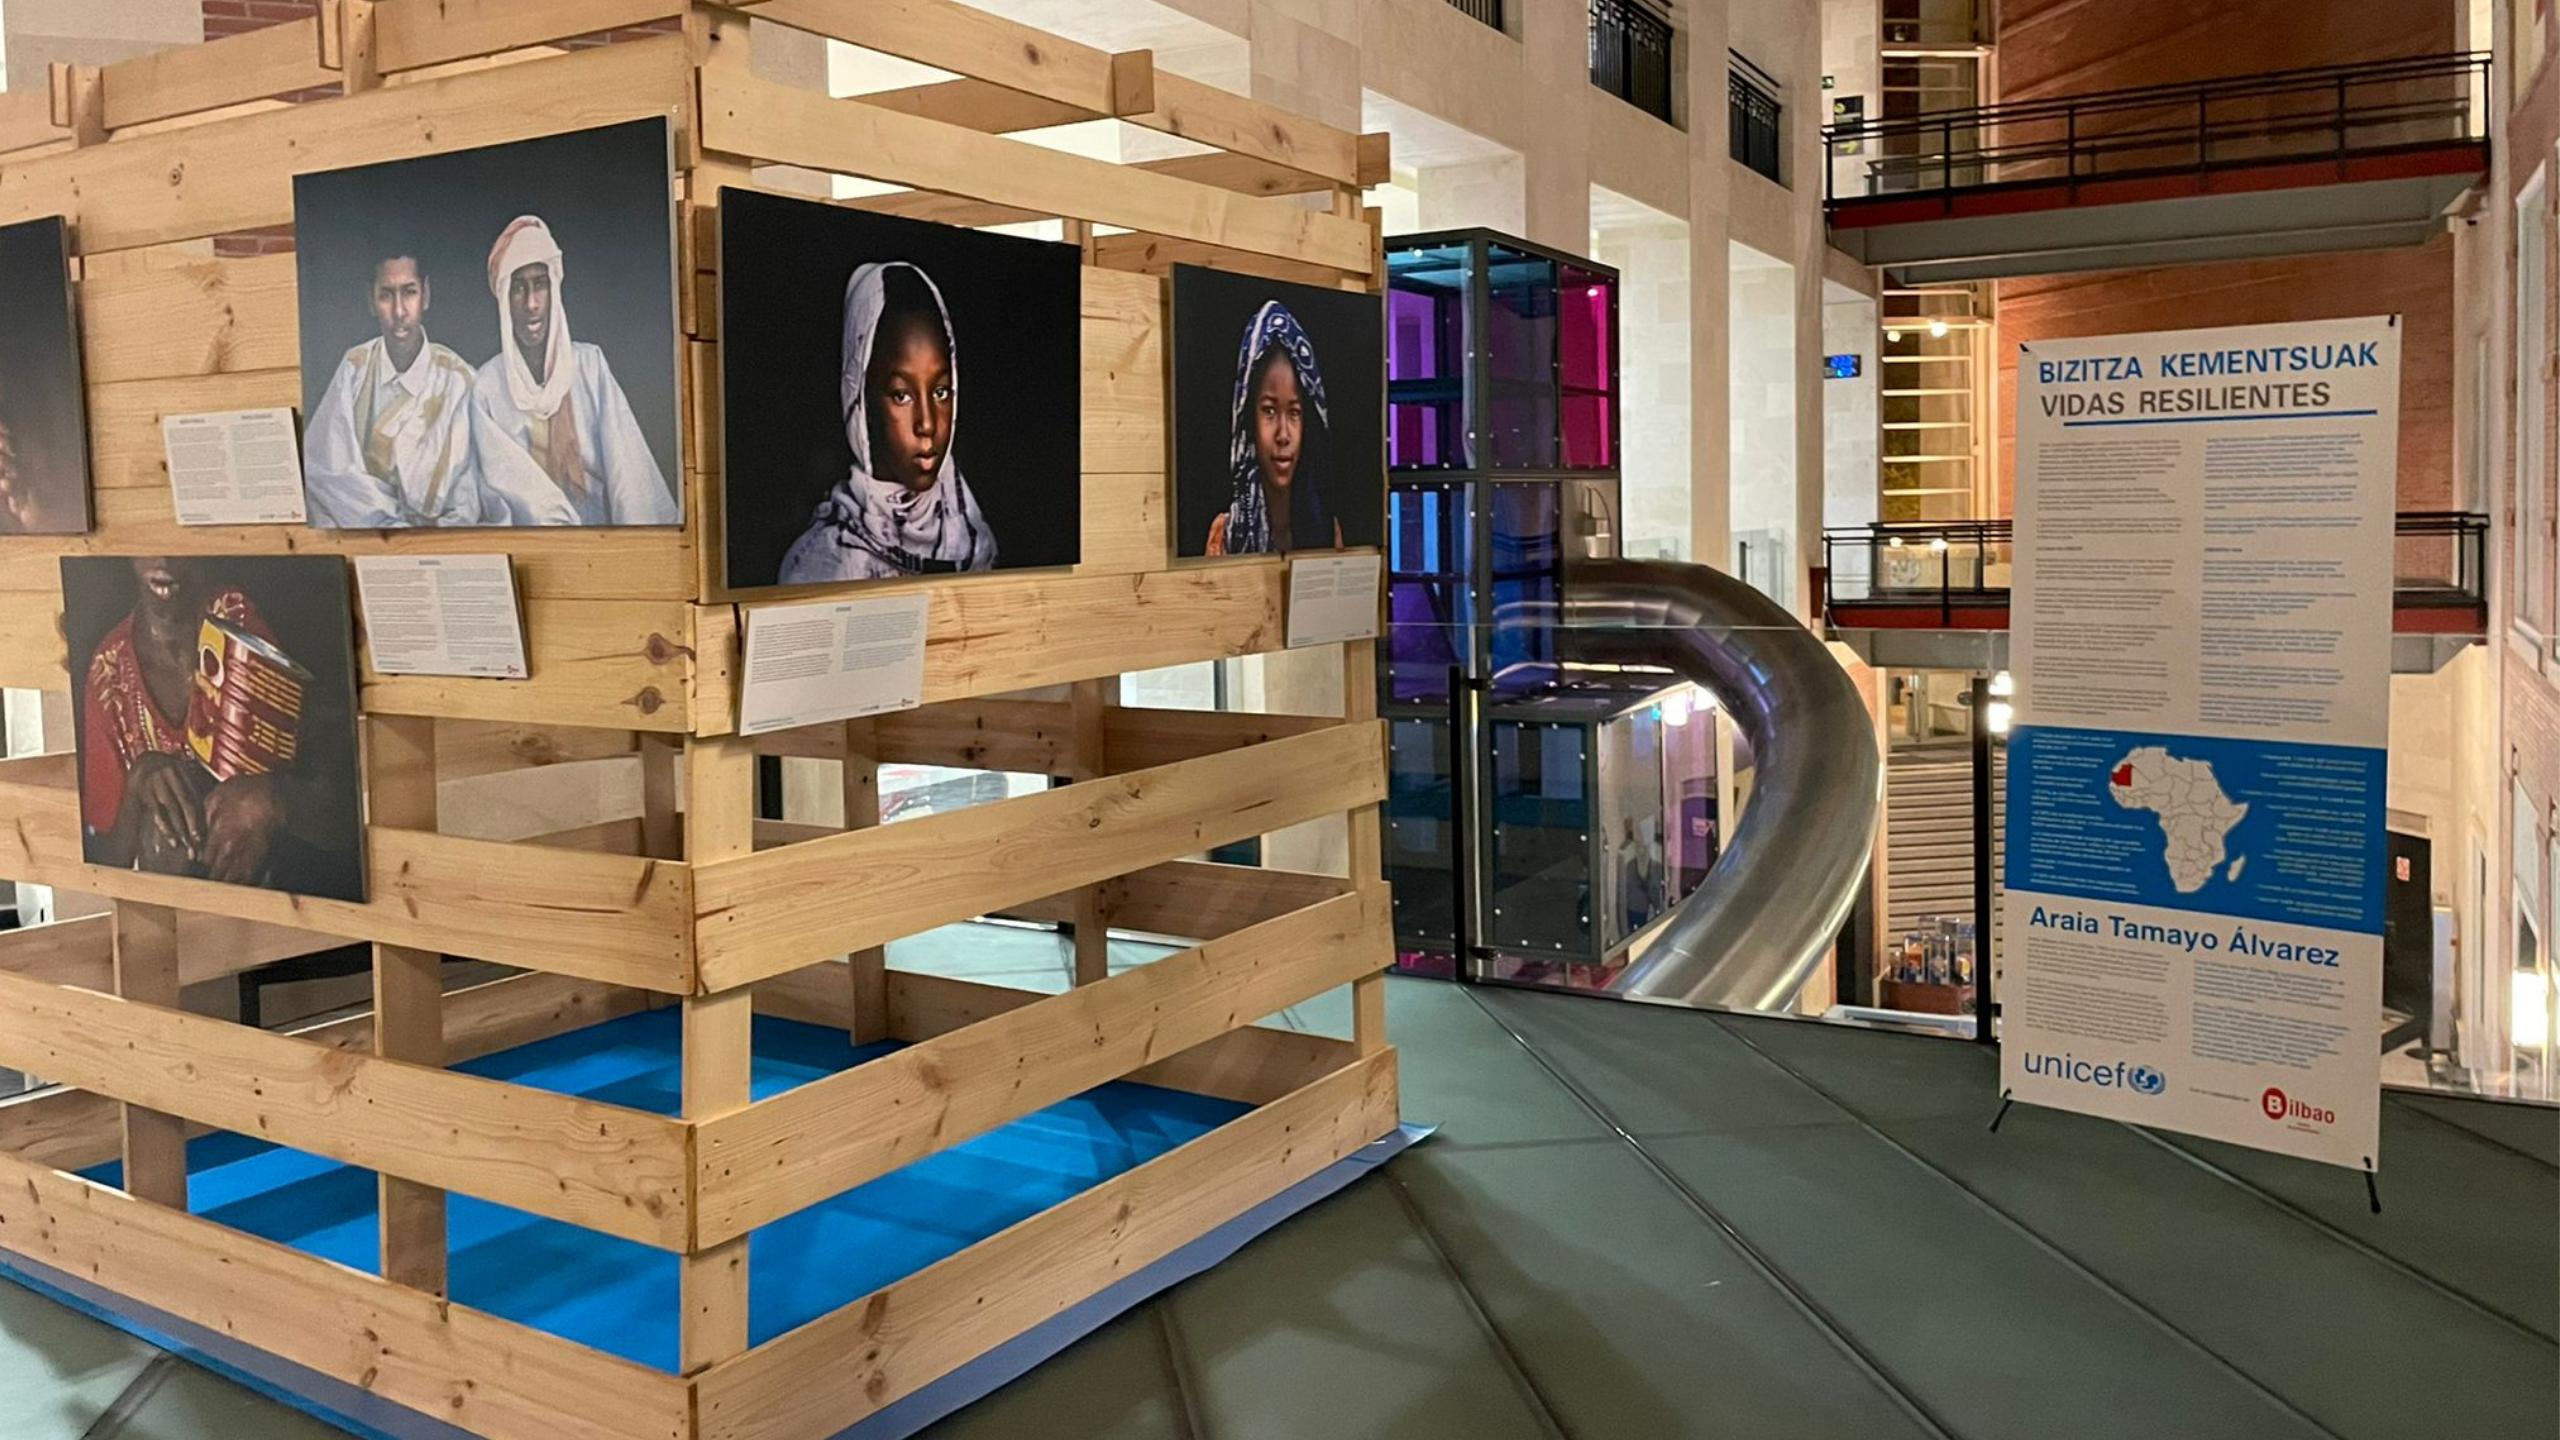 La exposición «Vidas resilientes» muestra la capacidad de superación de niños de Mauritania